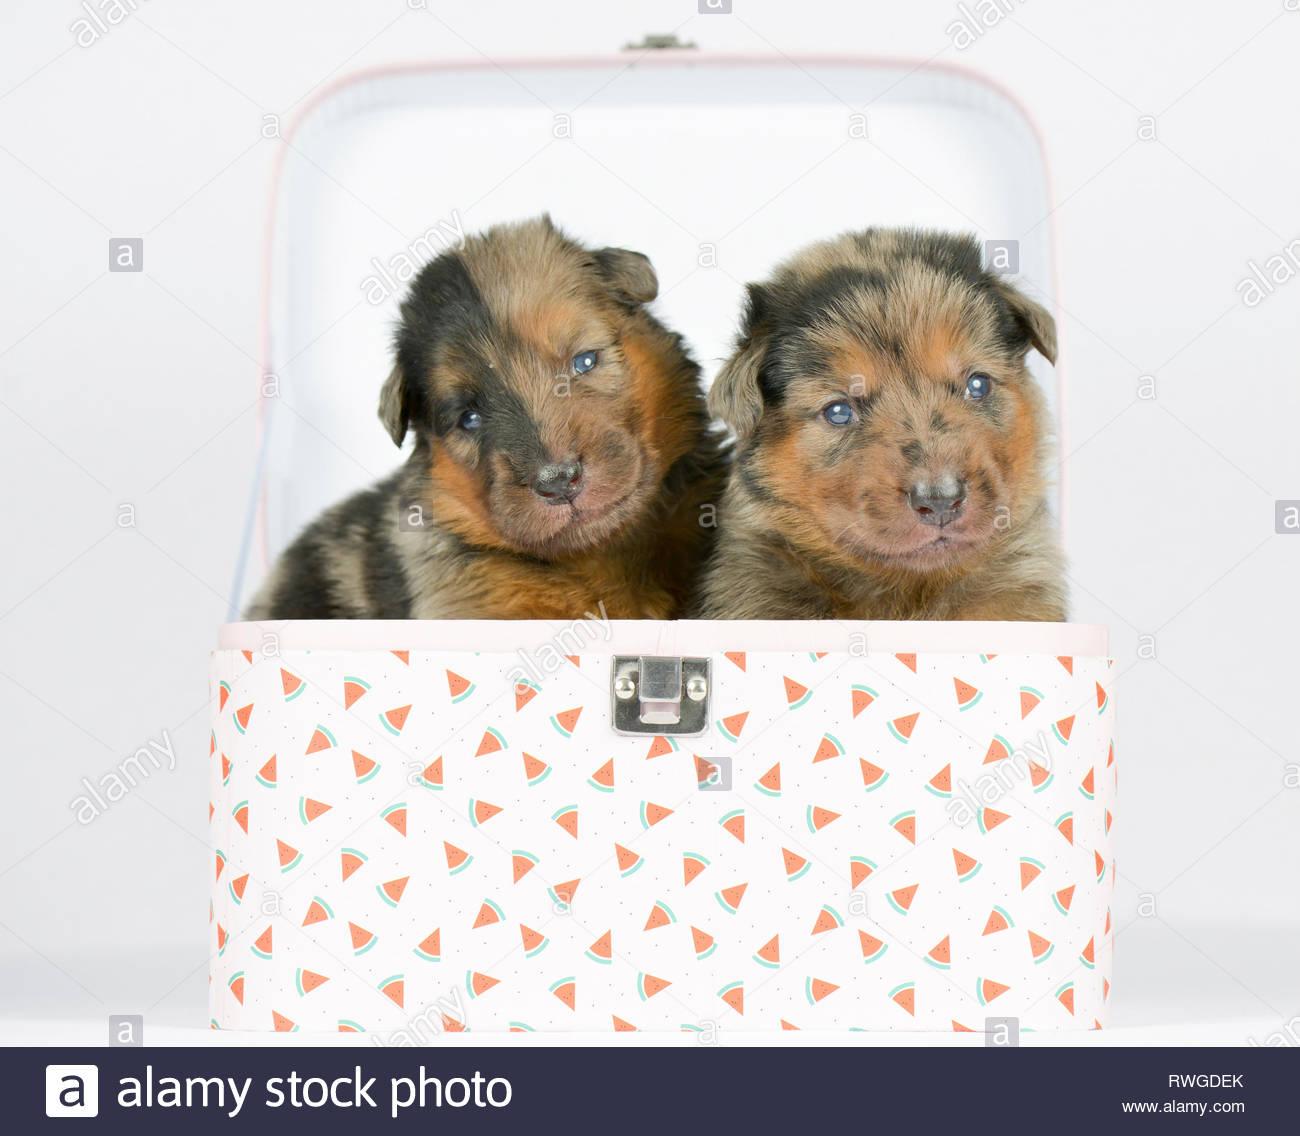 Viejo Perro Pastor Alemán. Dos cachorros (4 semanas) en una maleta pequeña. Studio picture contra un fondo blanco. Alemania Foto de stock